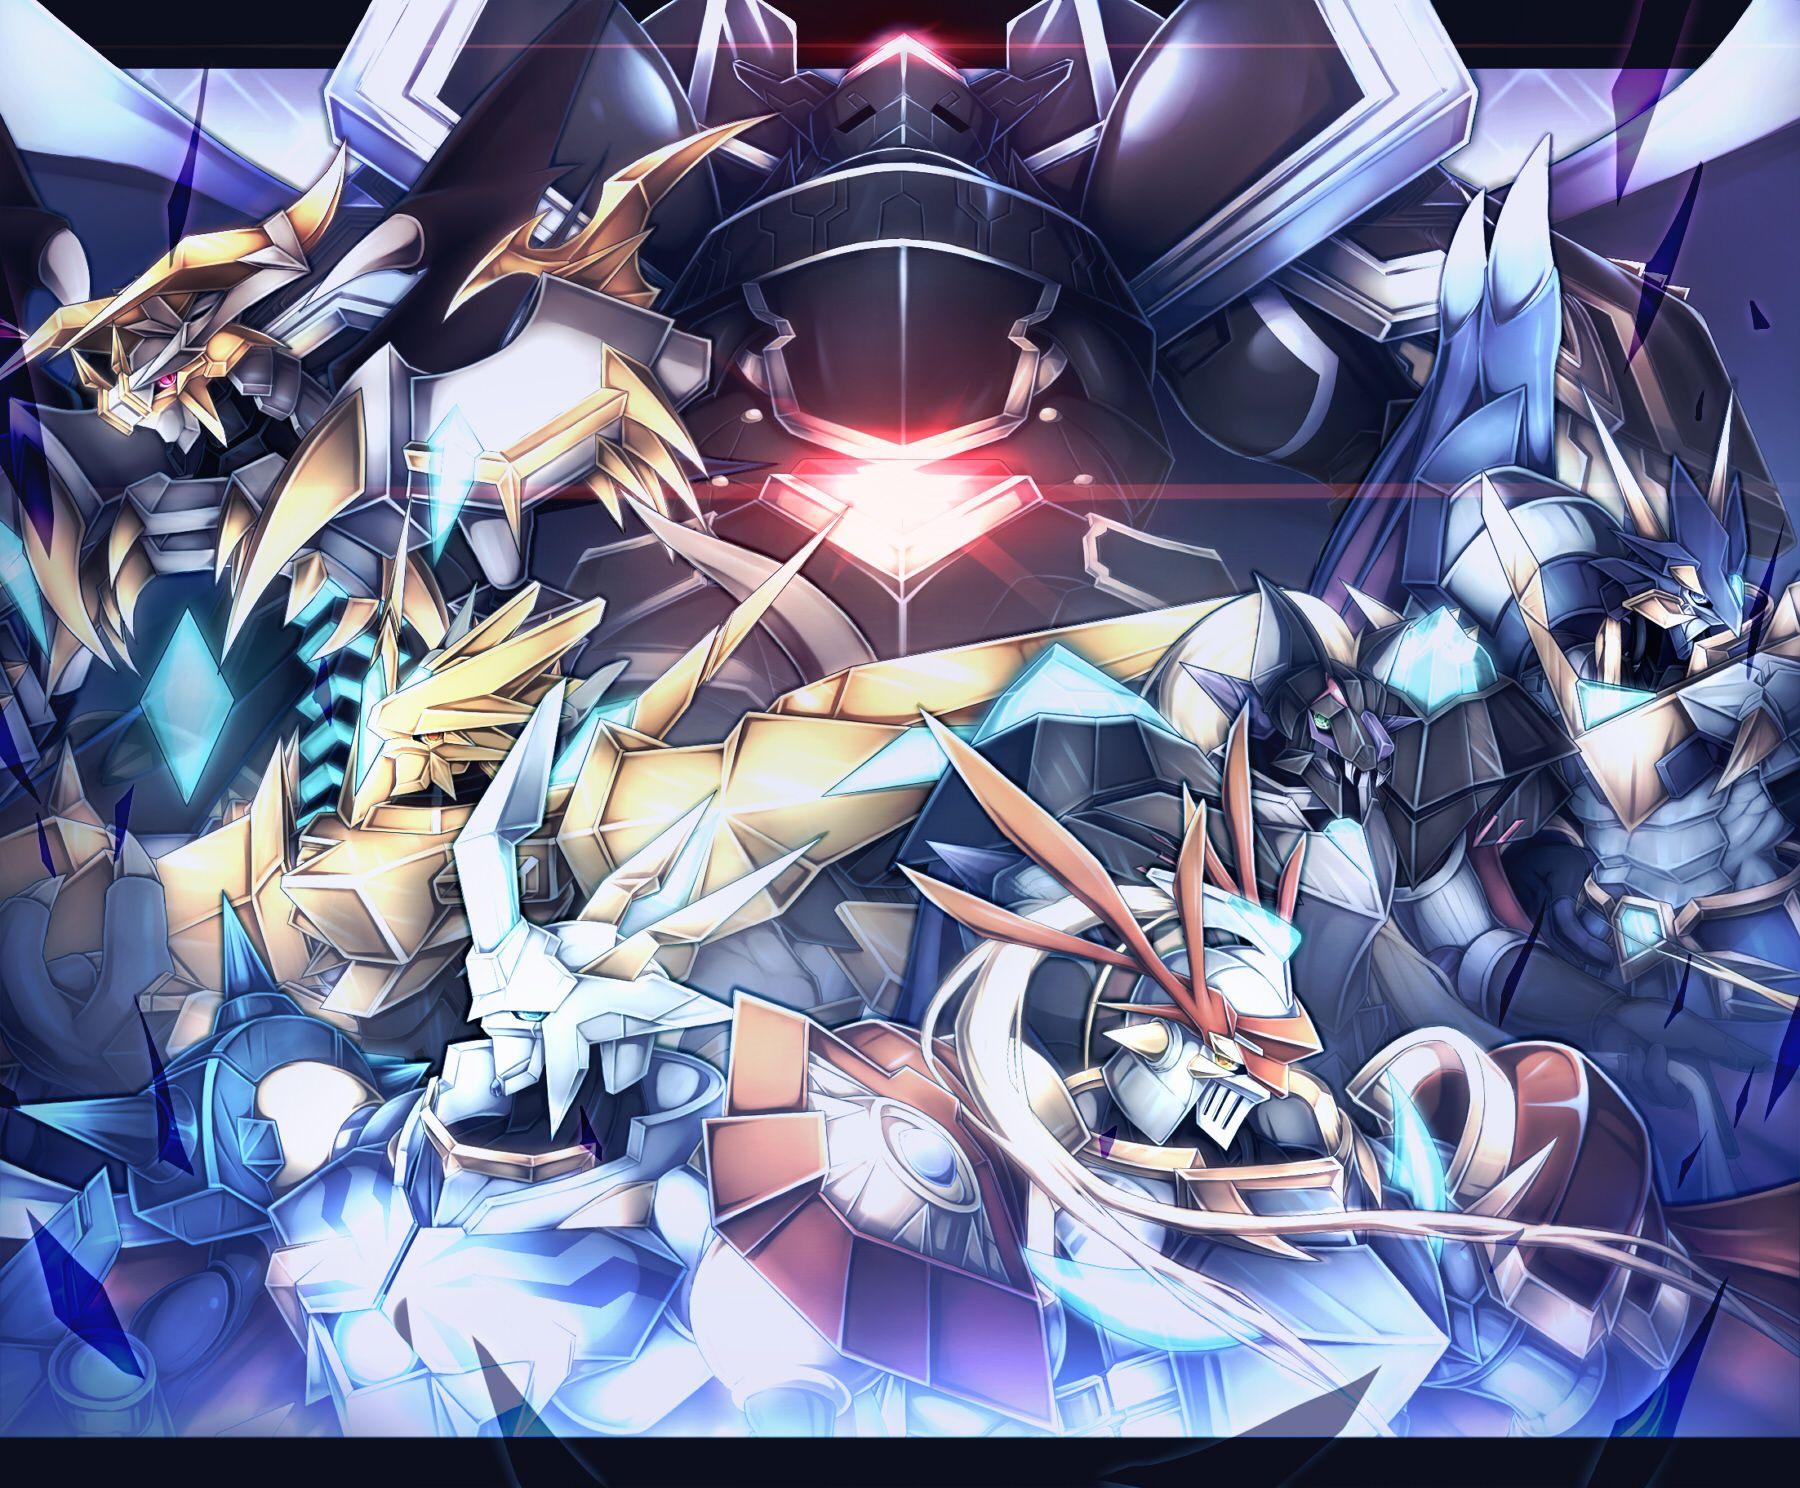 ロイヤルナイツX抗体 | Digi | Digimon, Digimon digital monsters ...